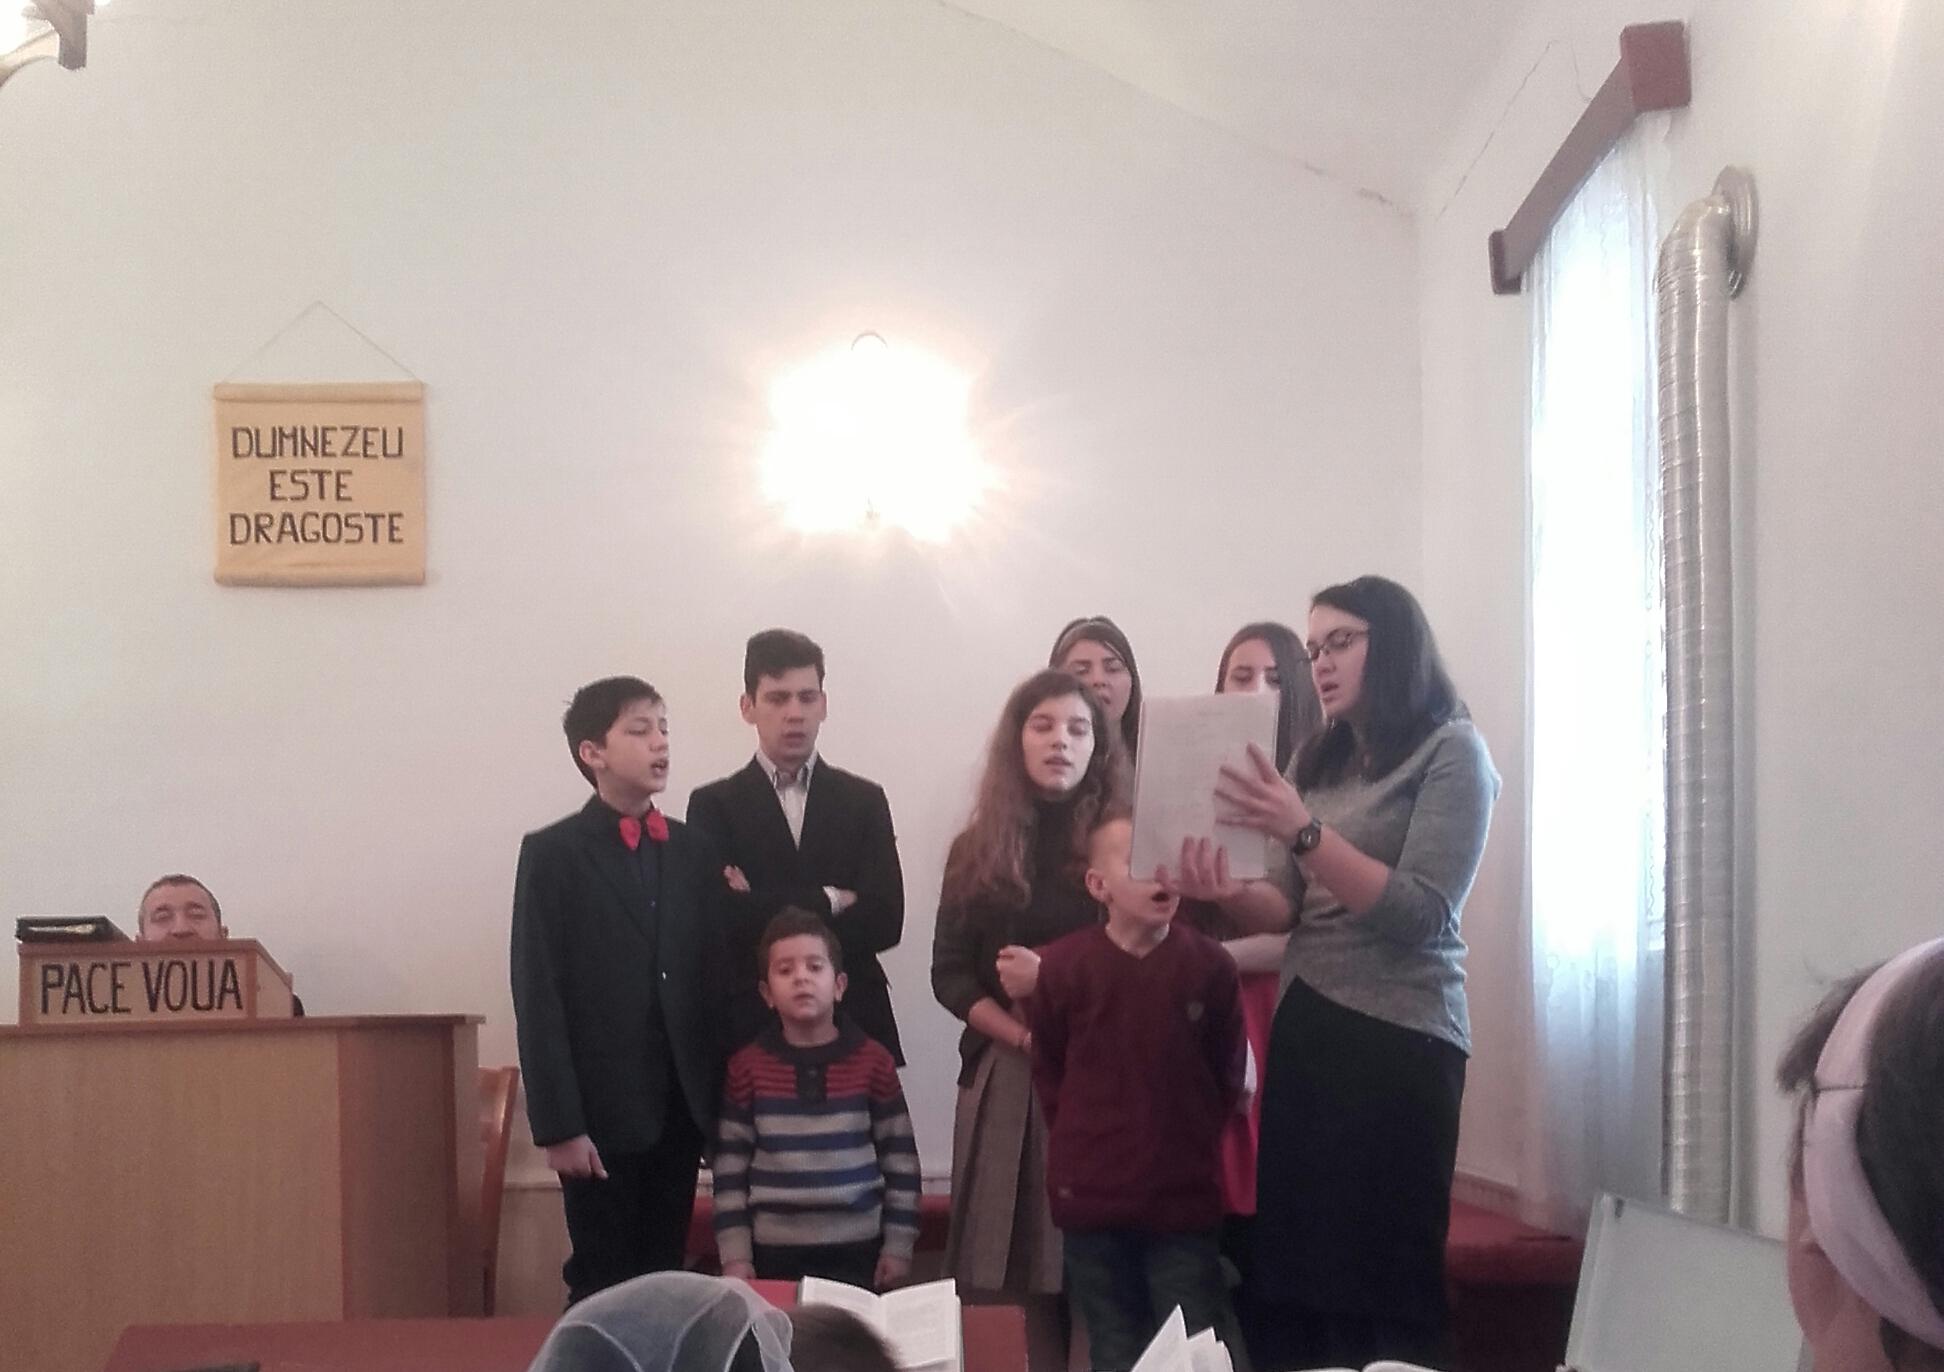 Inchinare_tinerii de la Bucerdea Granoasa.jpg